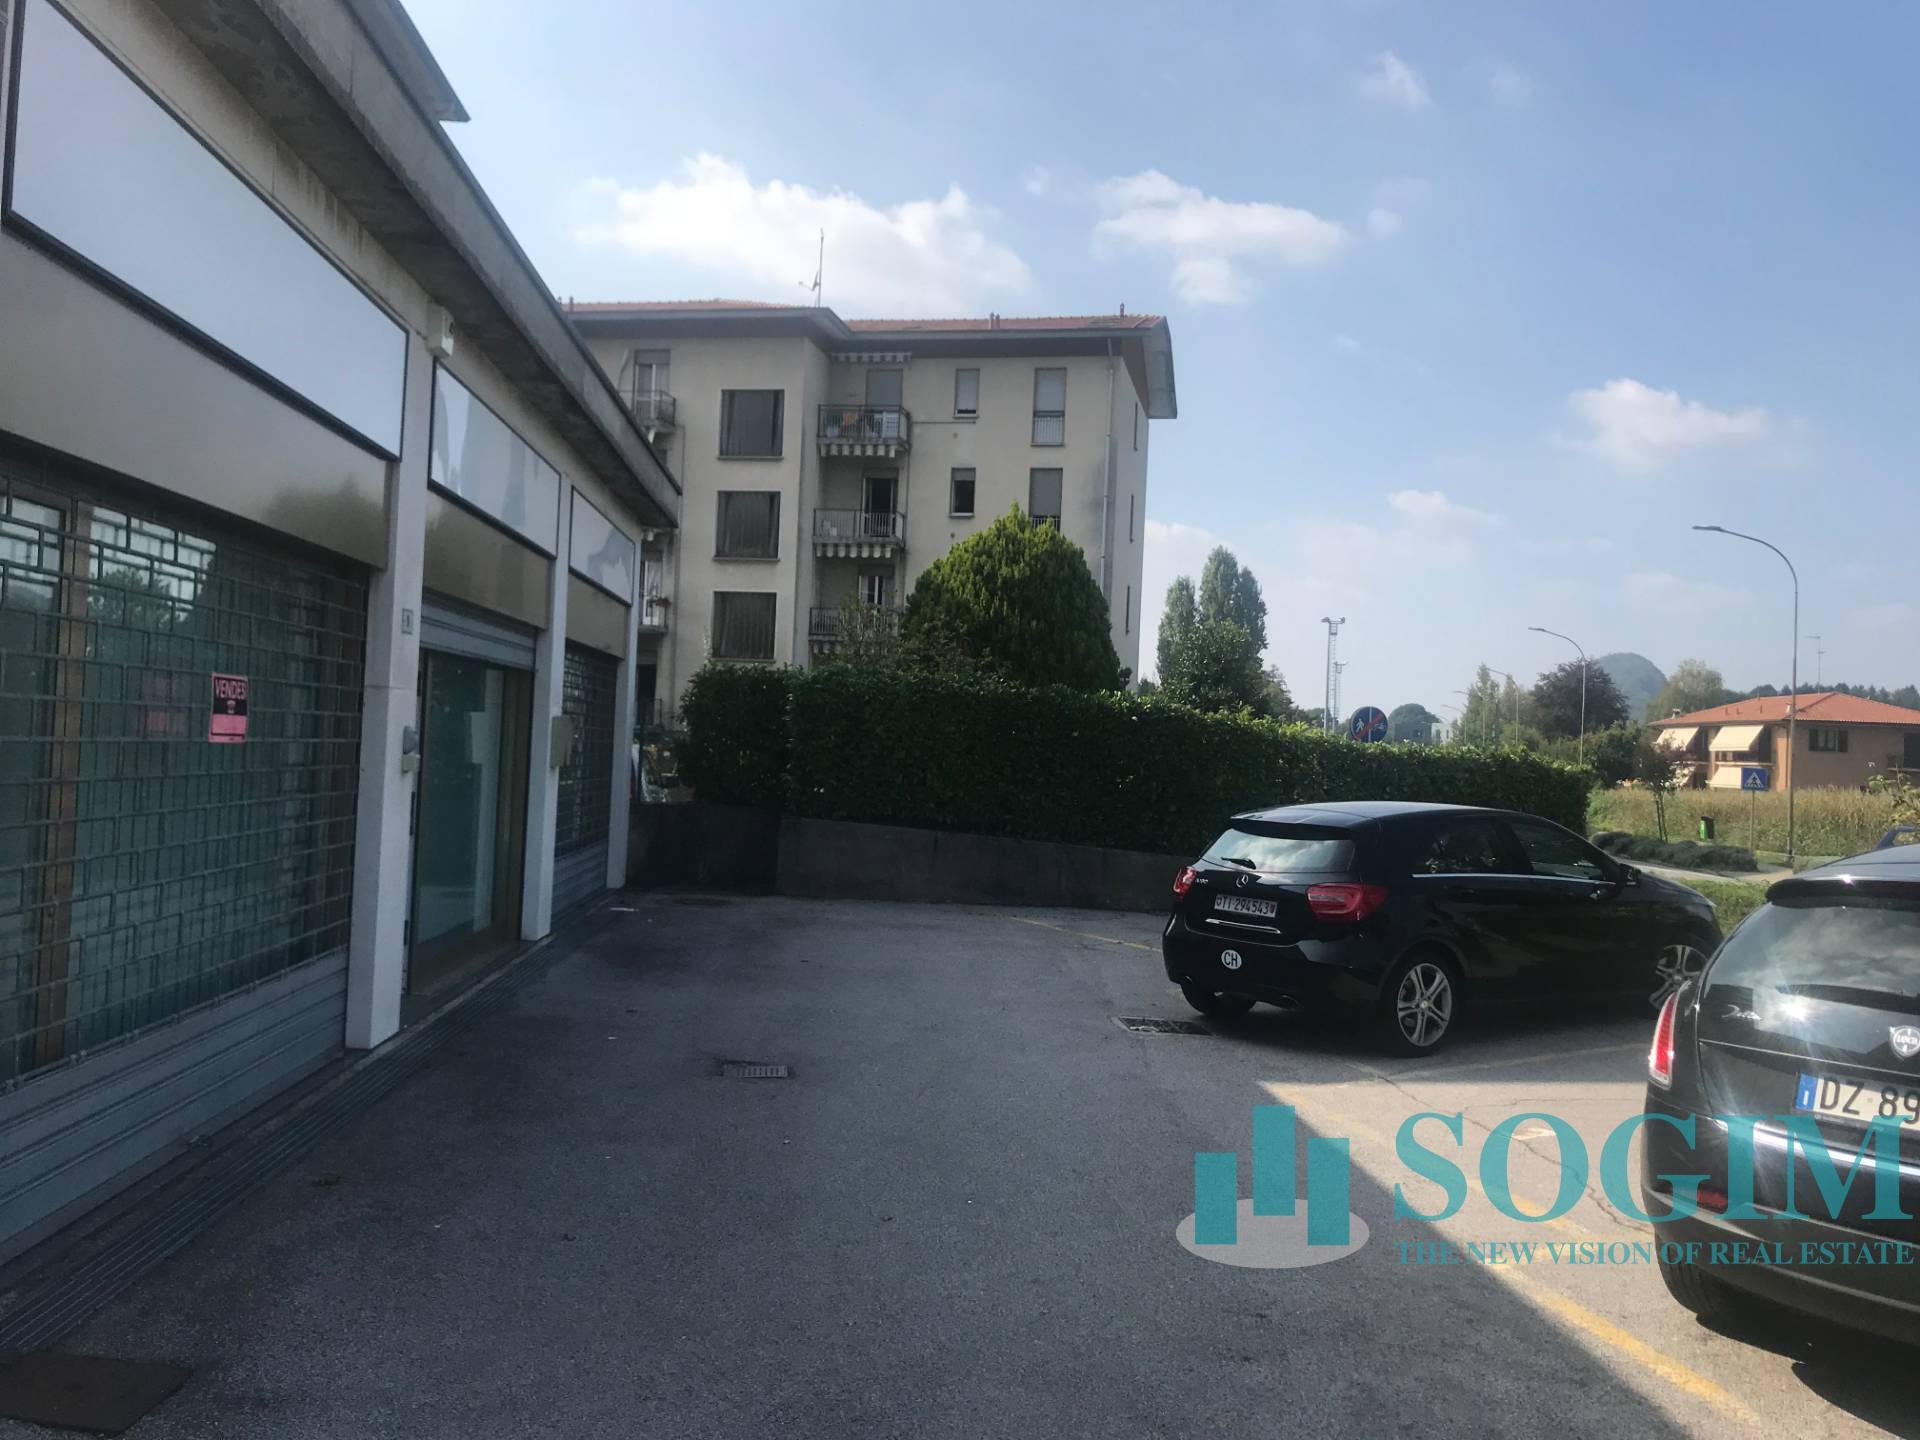 Negozio / Locale in vendita a Orsenigo, 9999 locali, prezzo € 135.000 | PortaleAgenzieImmobiliari.it